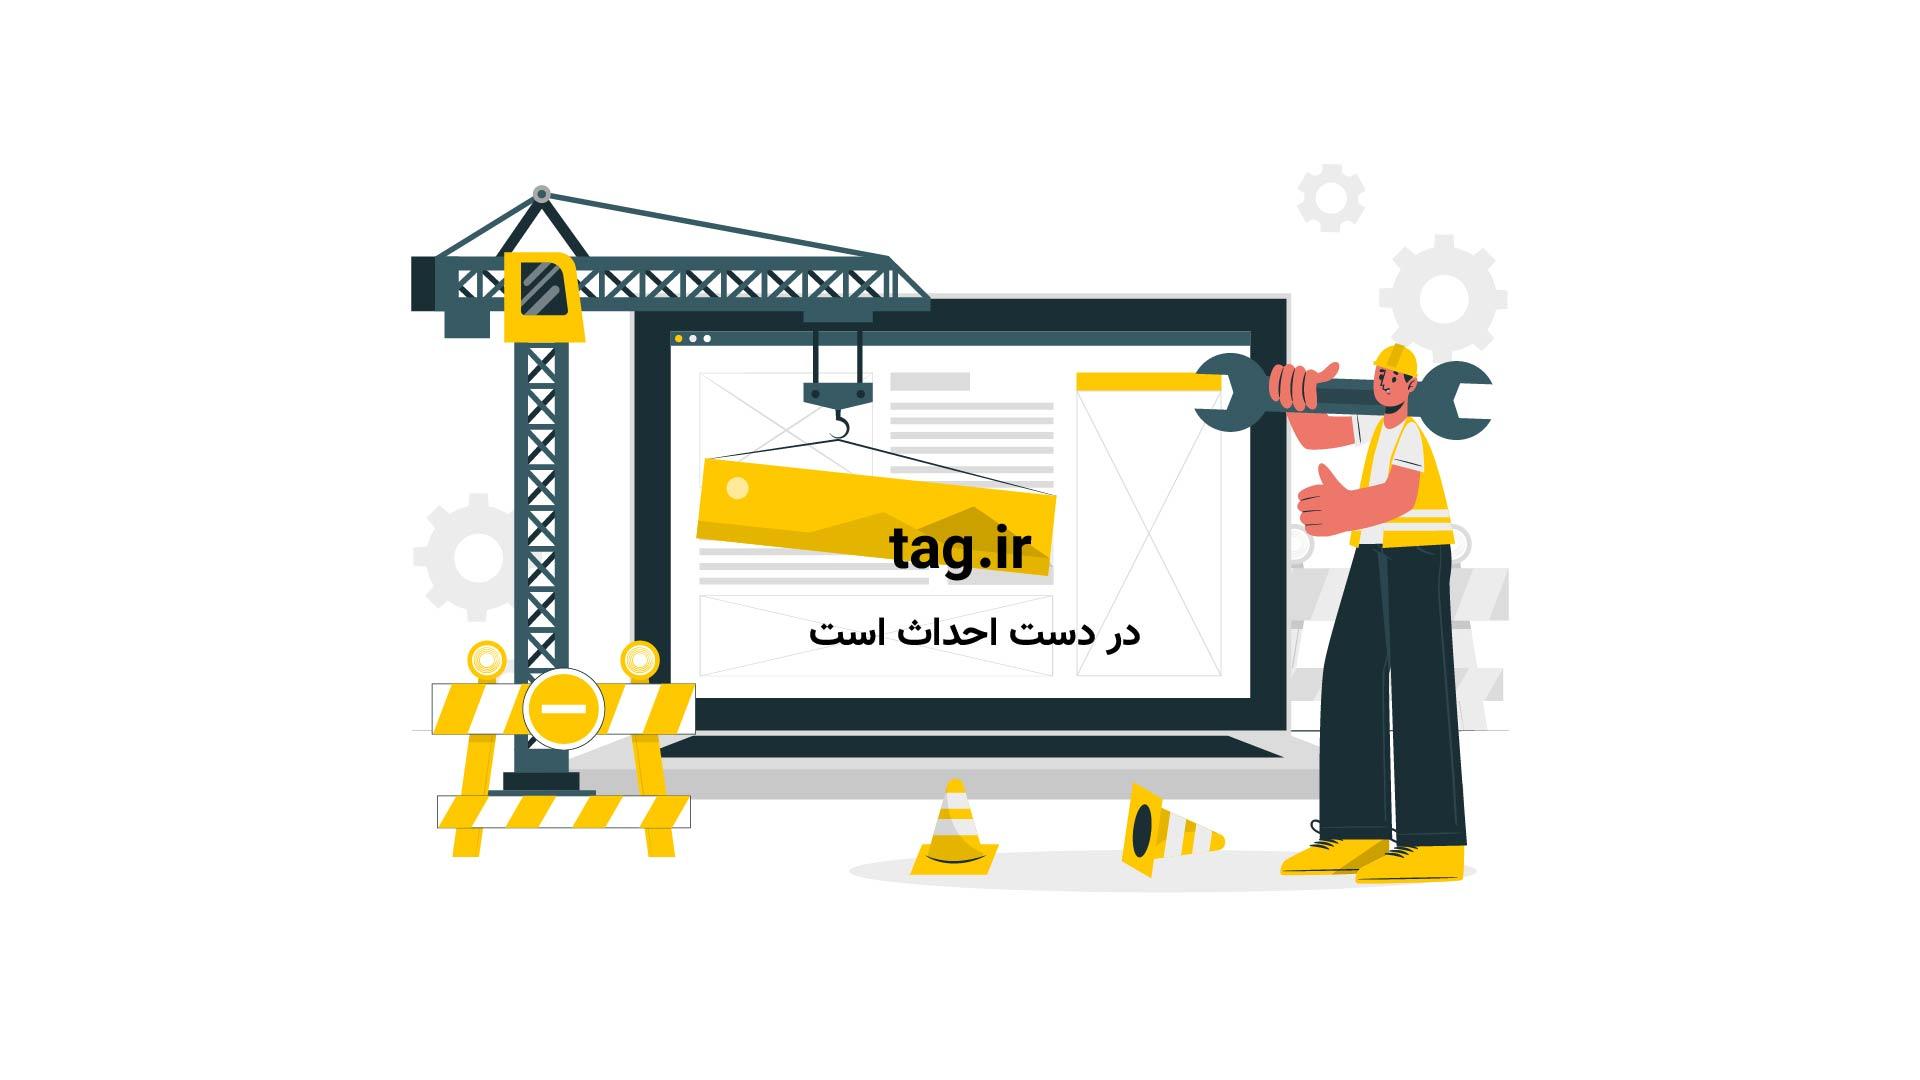 کارتون انگری بردز؛ این قسمت مسابقات خوکی | فیلم